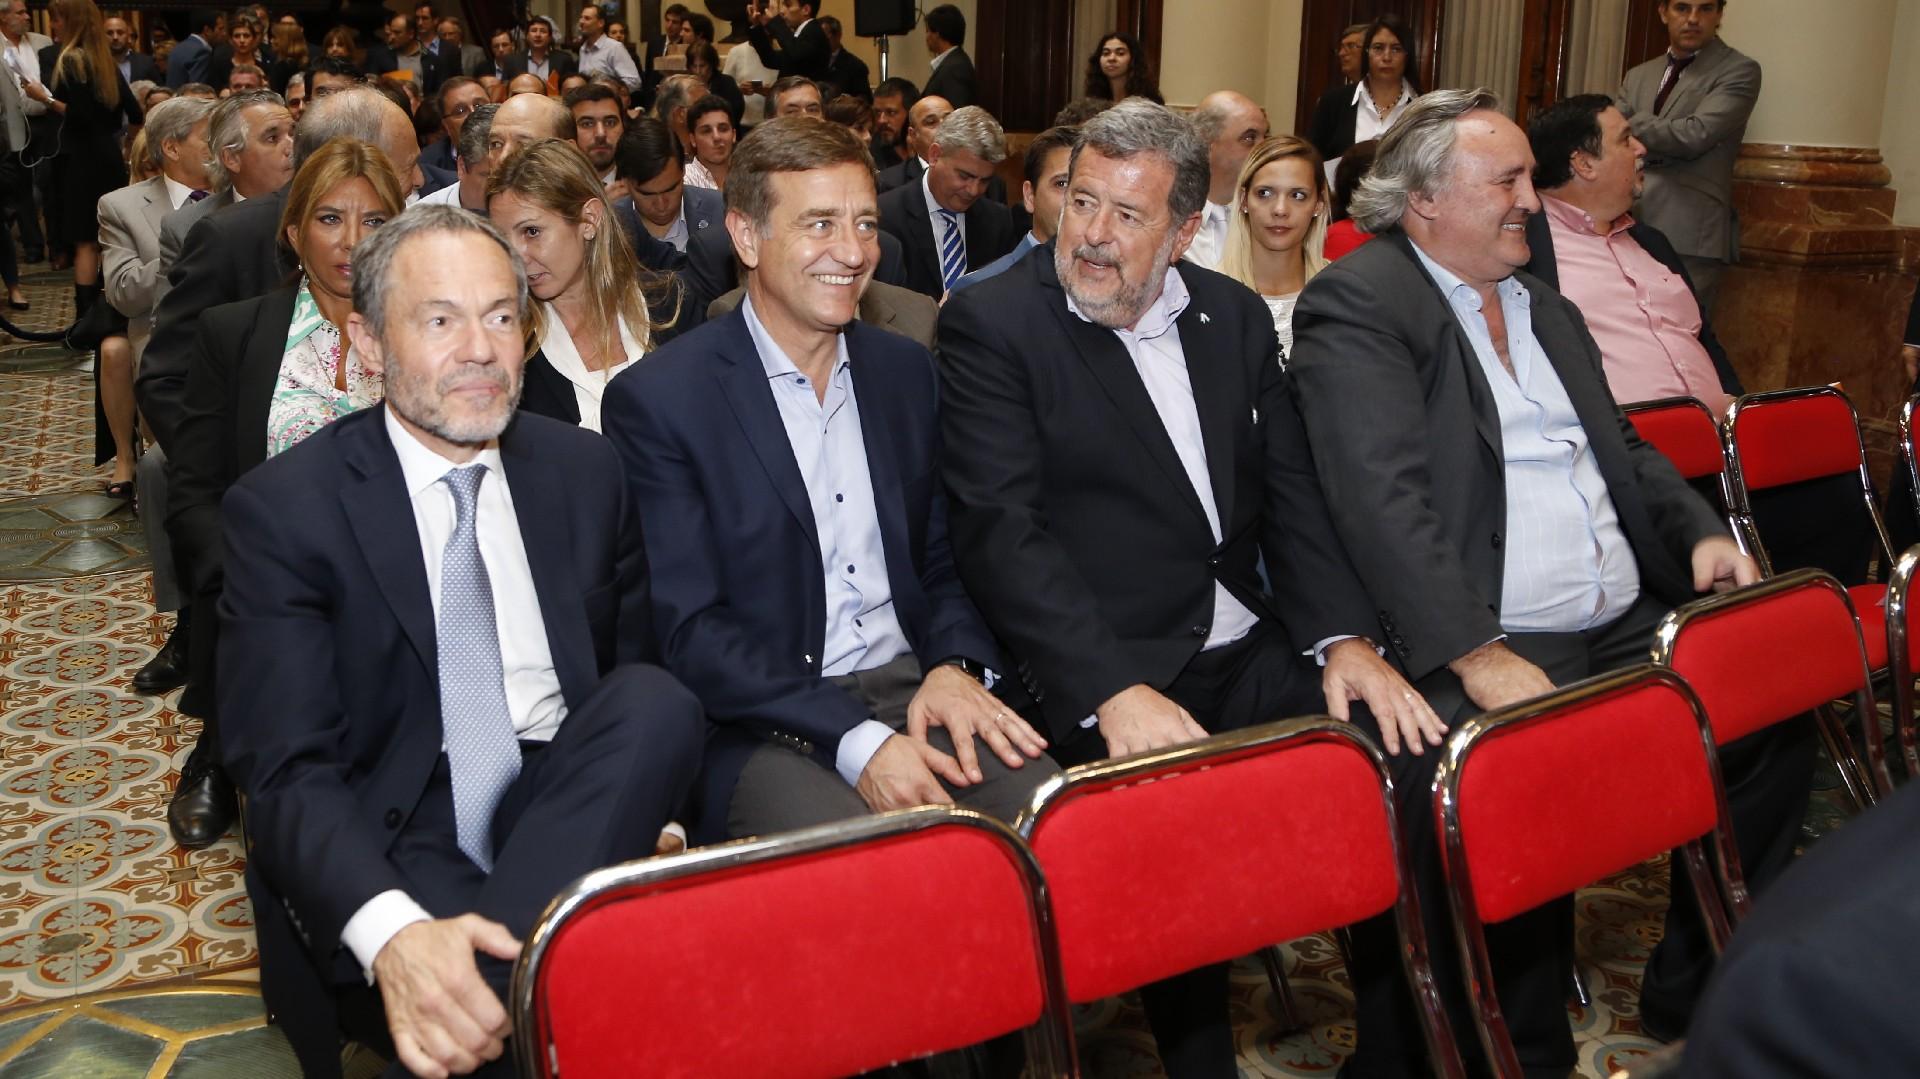 Gustavo Ferrari, Rodolfo Suárez, Jorge Elustondo y Joaquín de la Torre,muy sonrientes